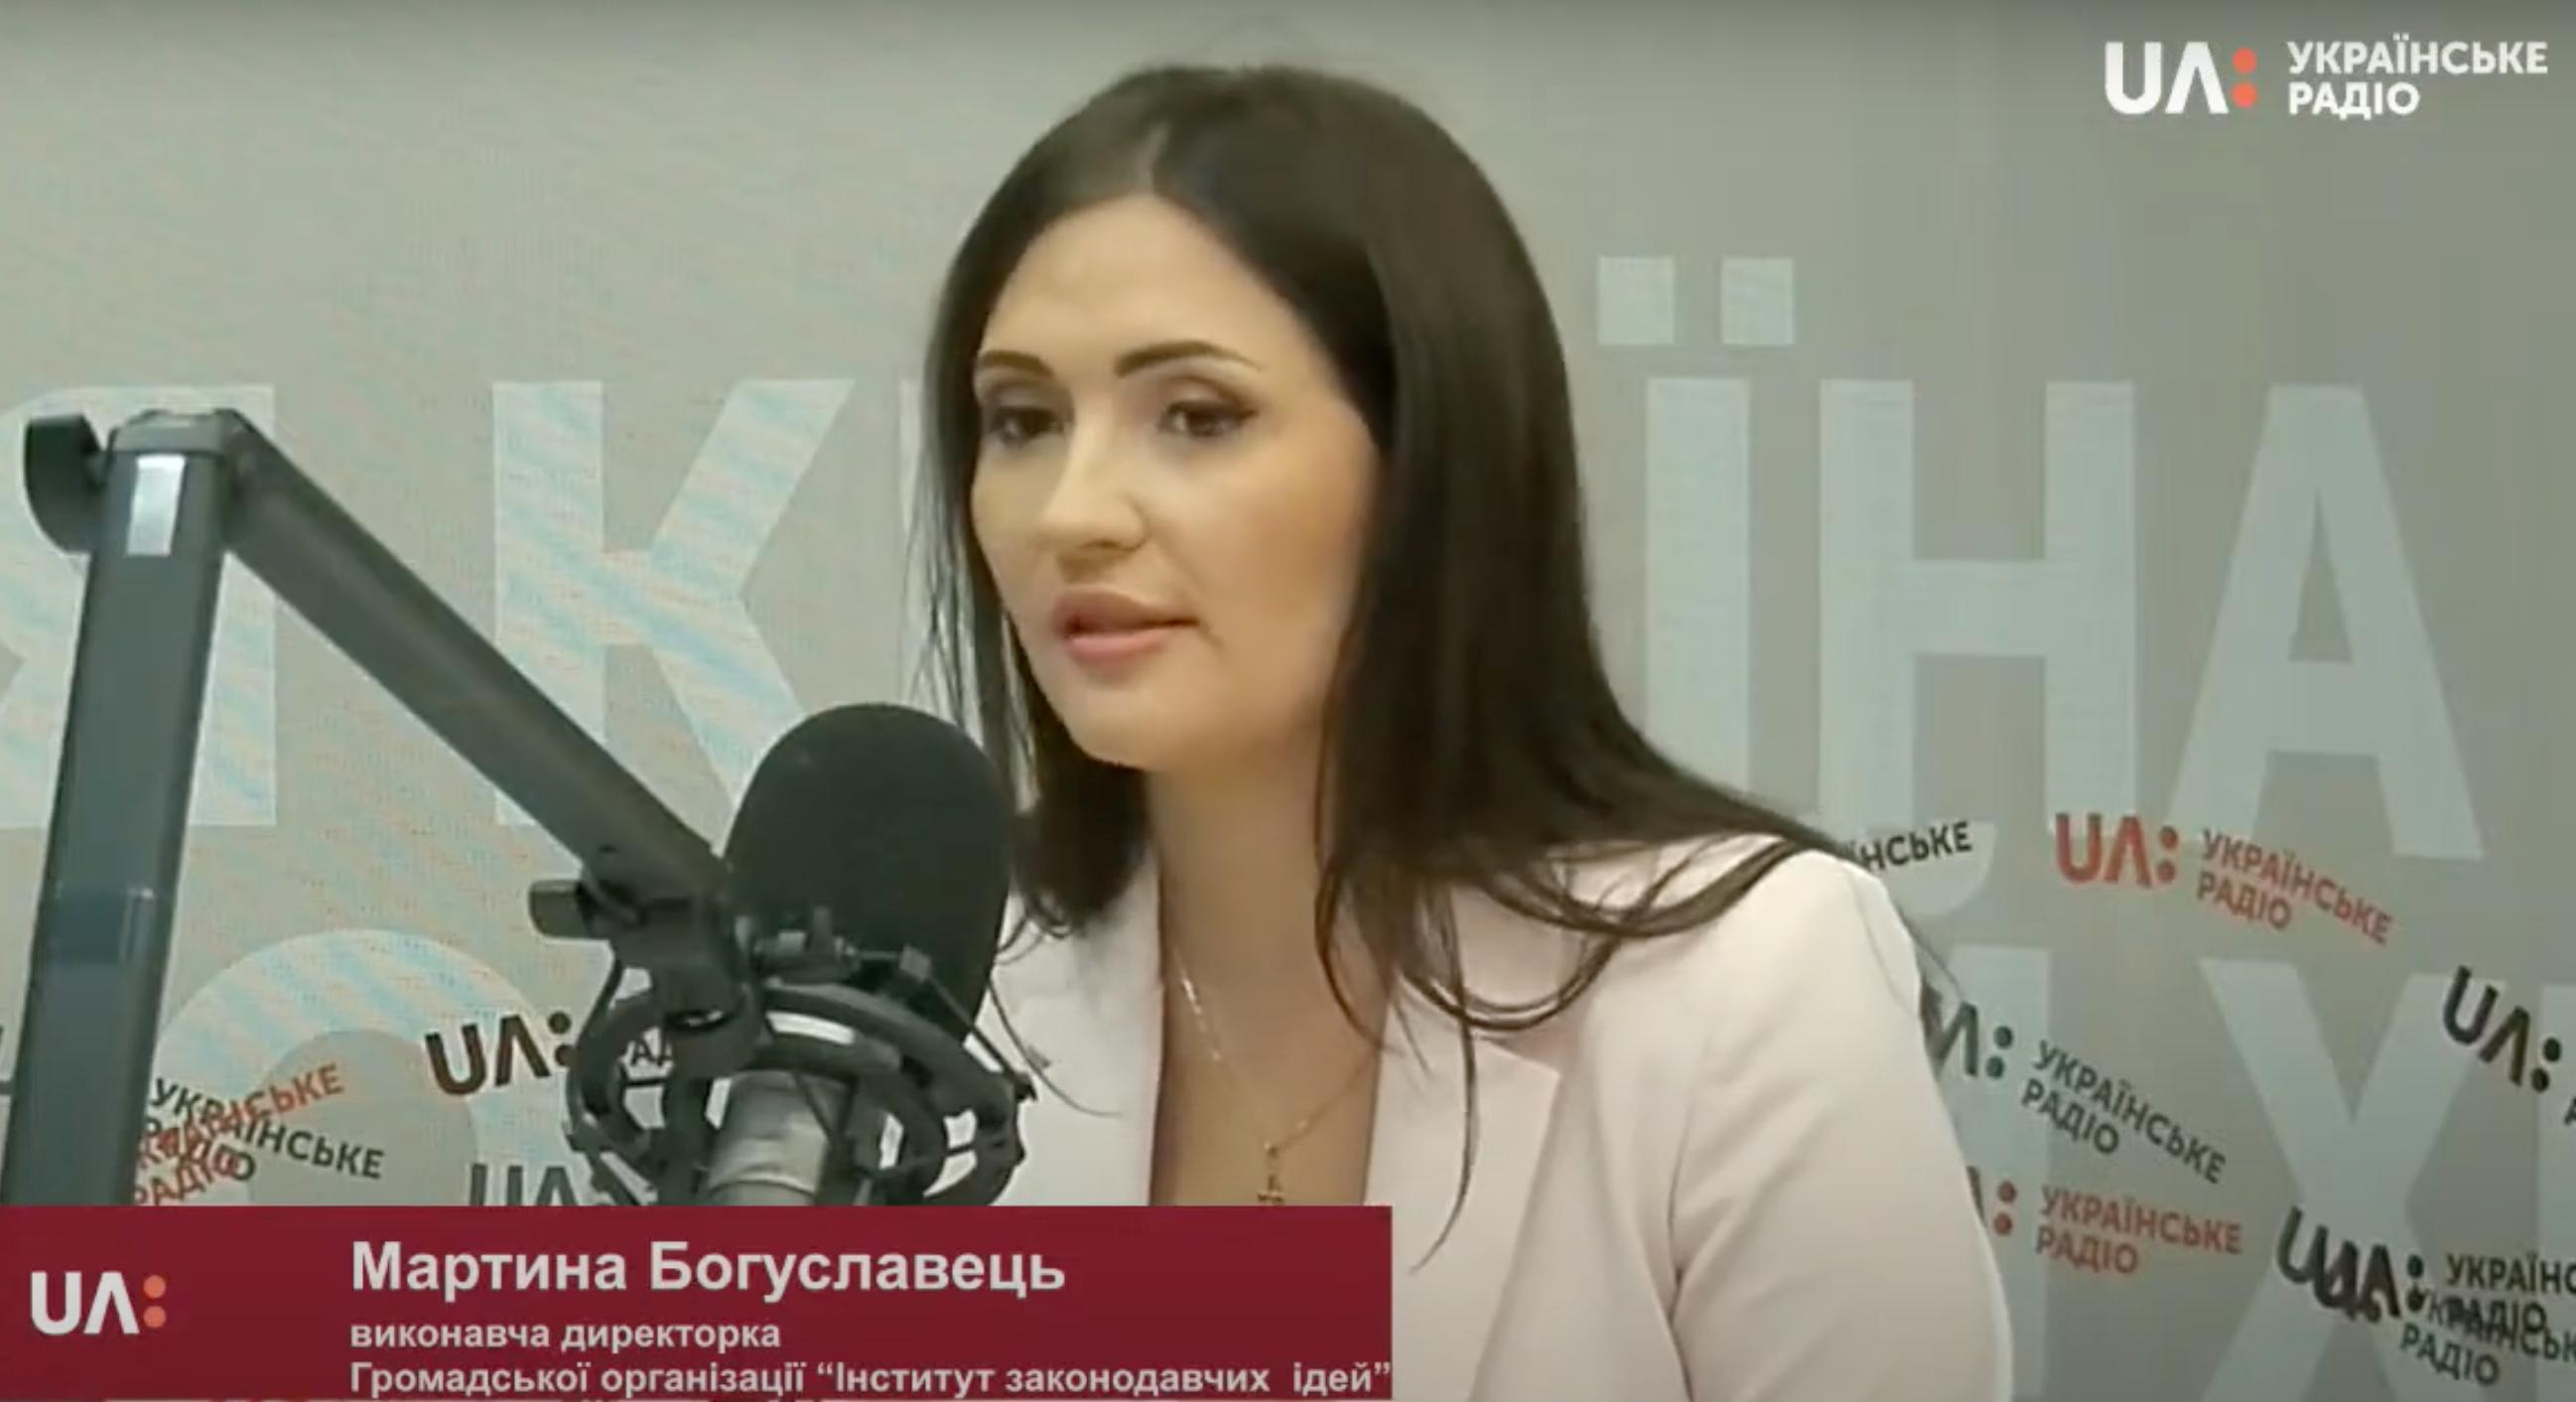 Мартина Богуславець про корупційні ризики в законопроєктах та рейтинг нардепів в ефірі Українського радіо